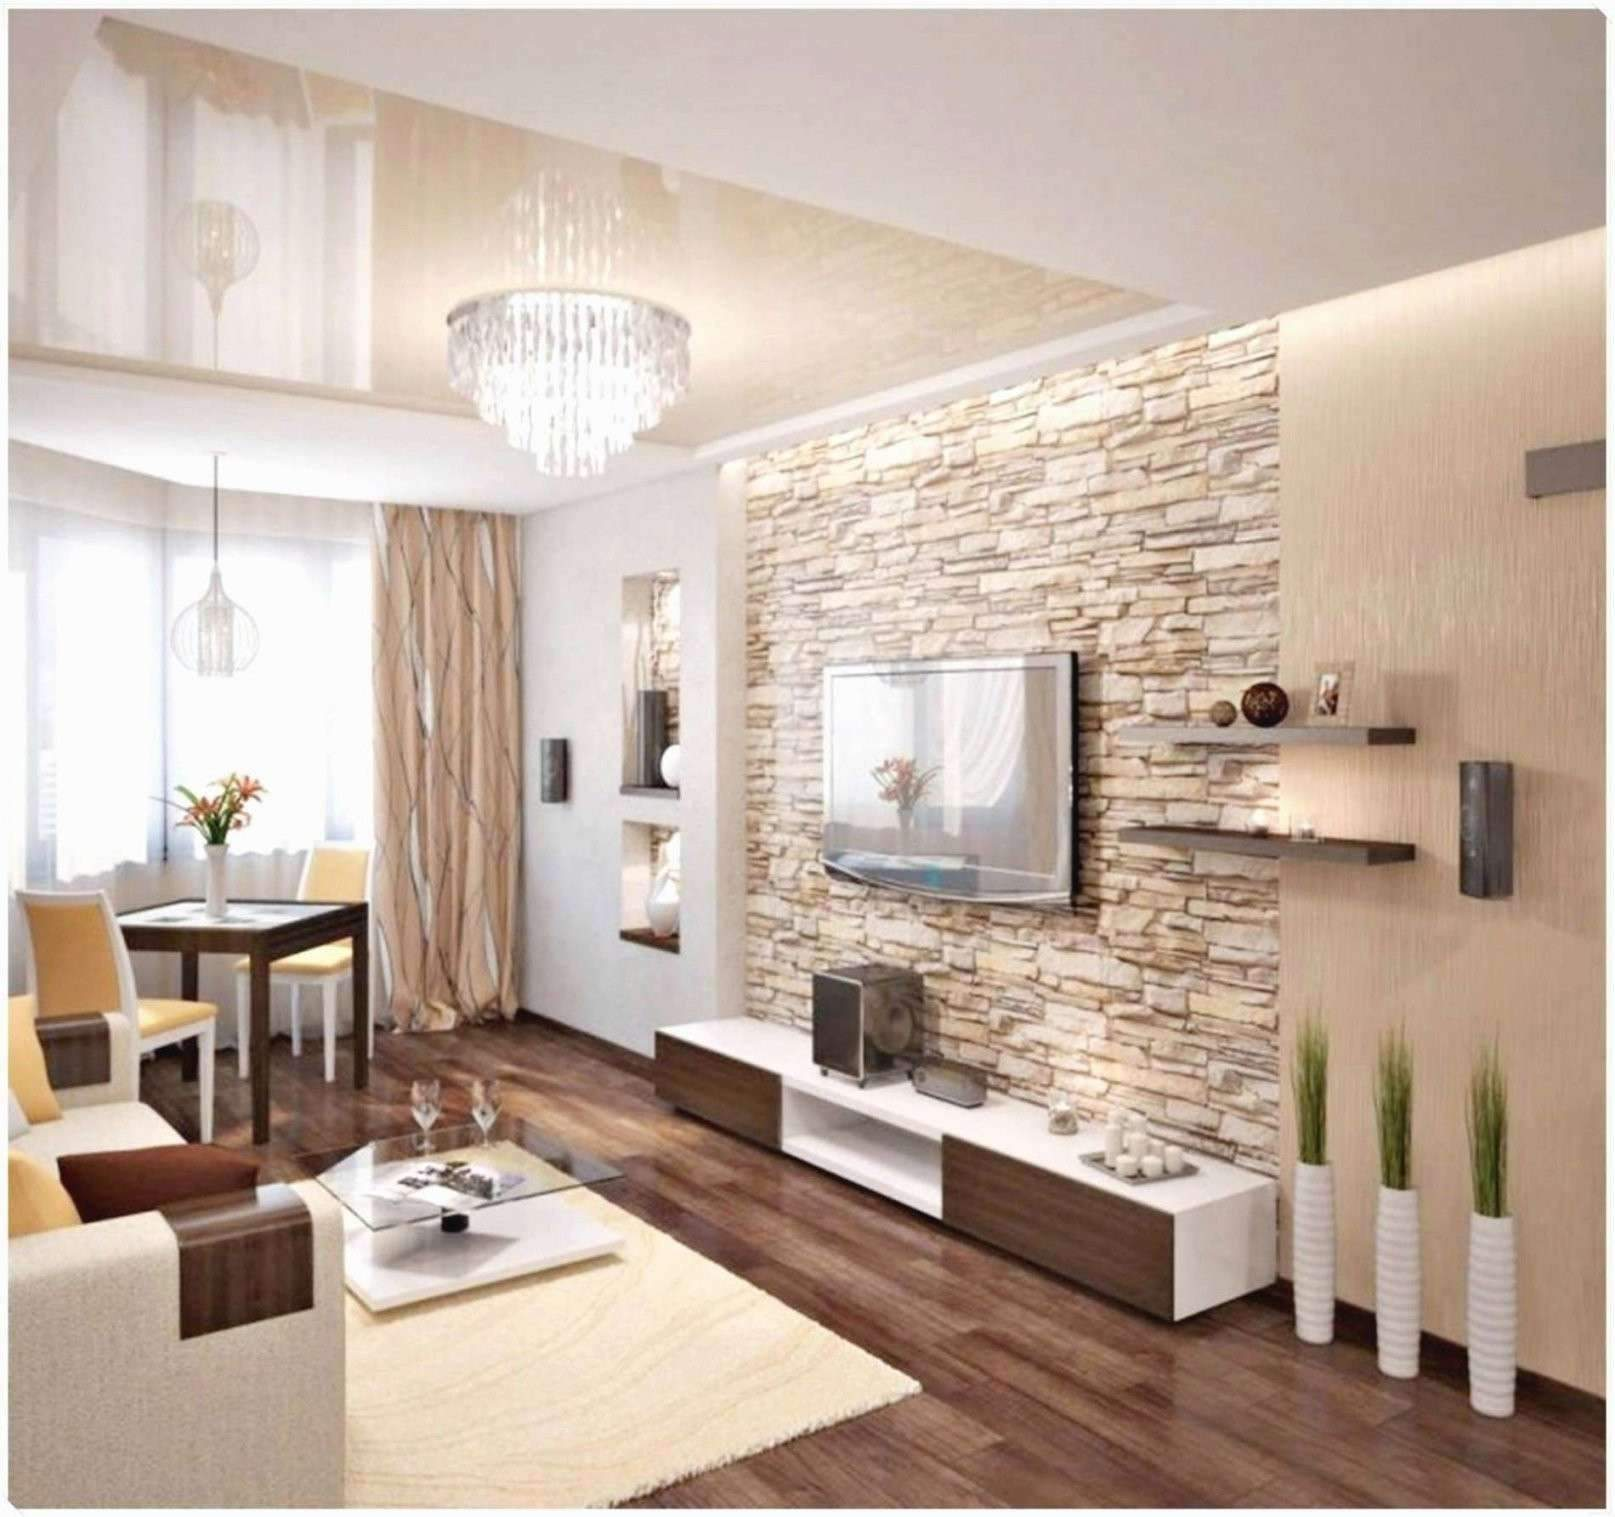 wohnzimmer einrichten tipps reizend 31 neu wohnzimmer gestalten ideen of wohnzimmer einrichten tipps